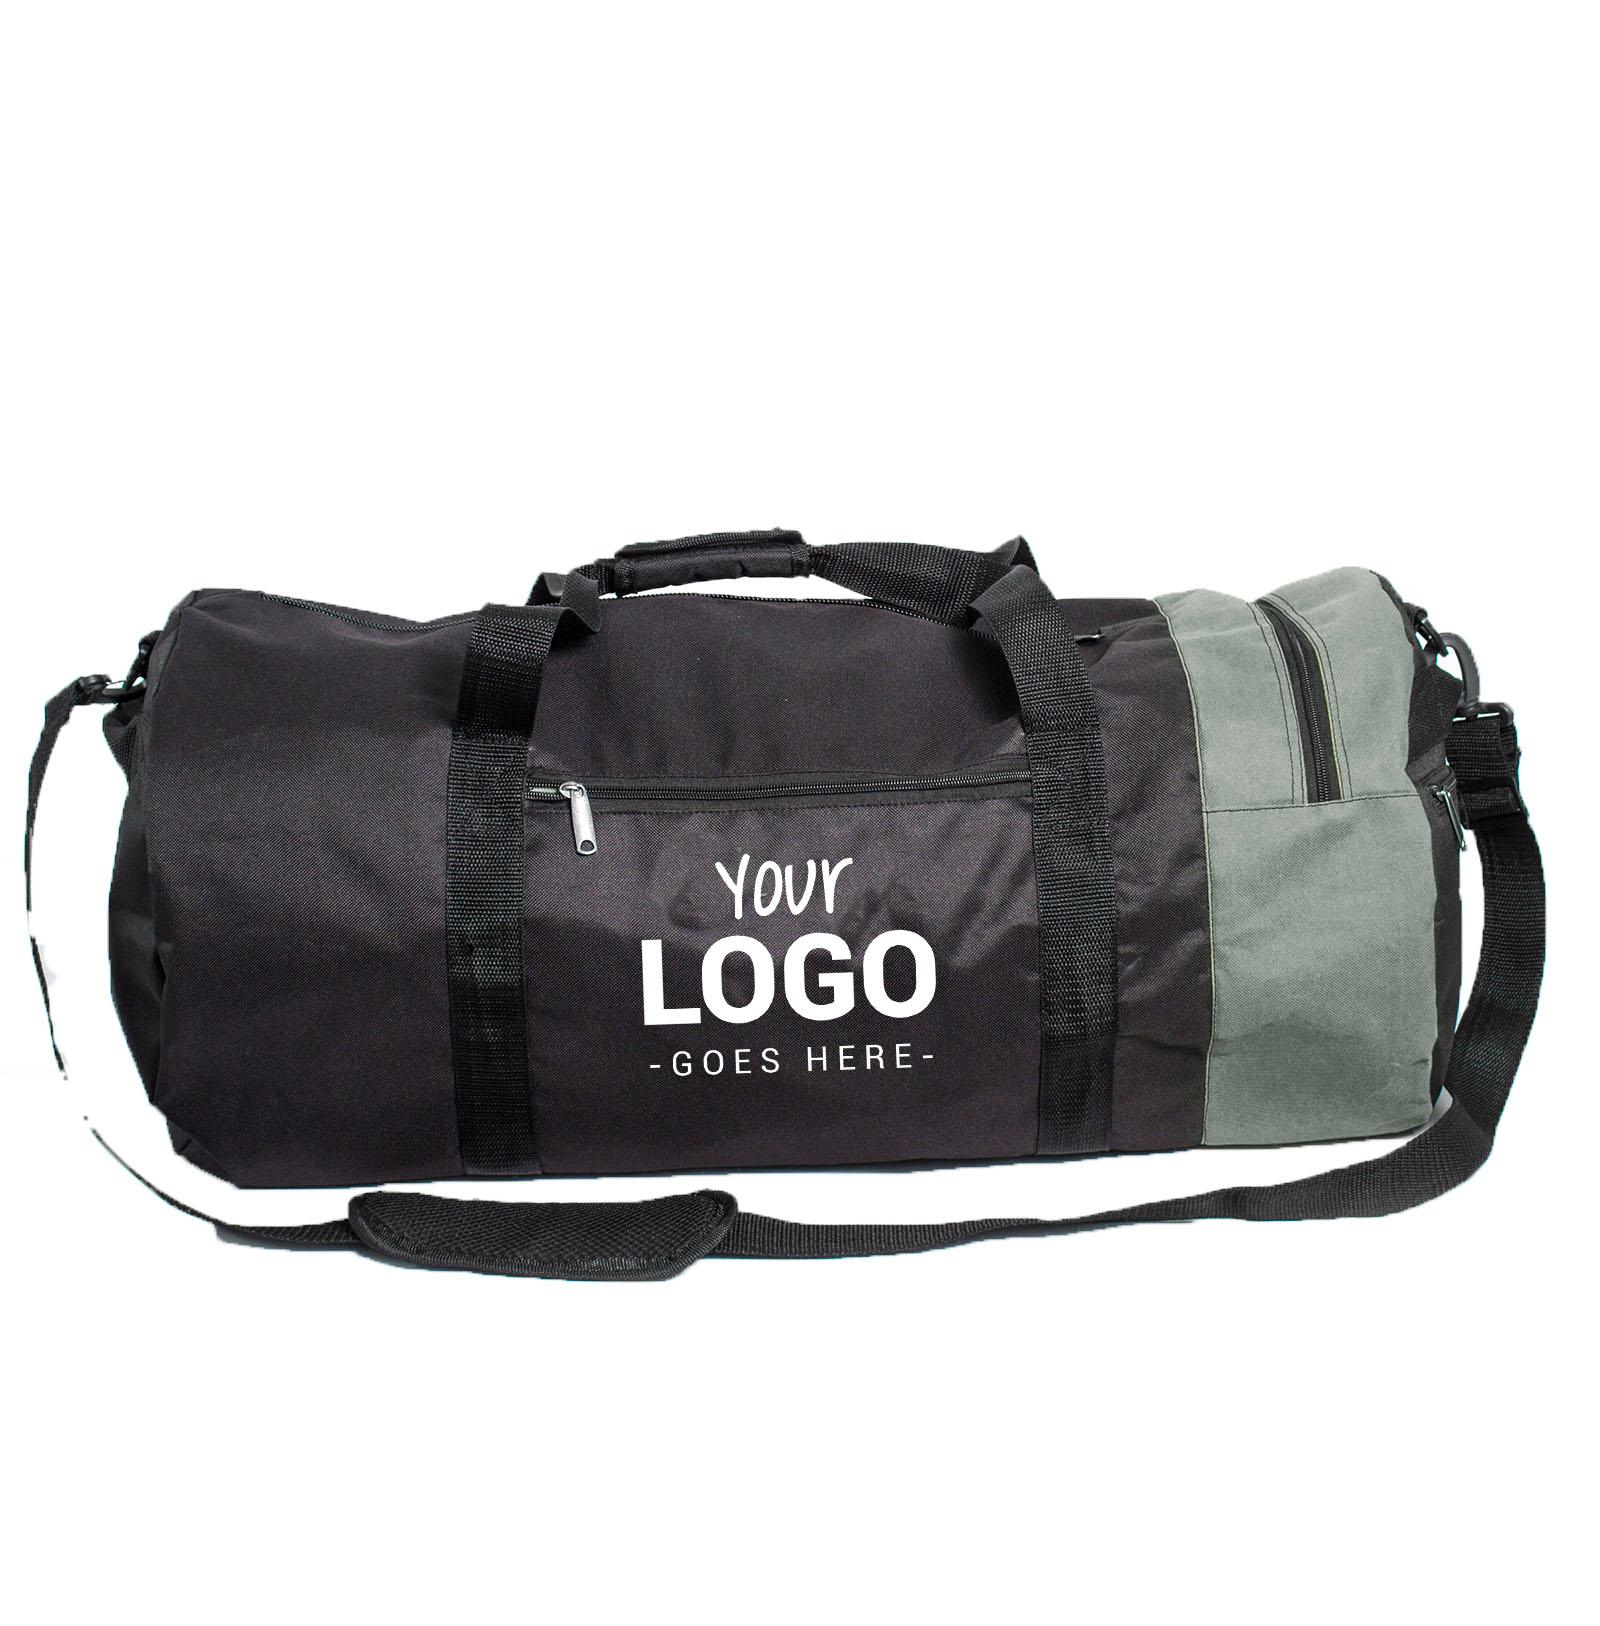 свой логотип на сумке, сумки со своим логотипом, заказать сумки со своим логотипом, тканевые сумки с вышивкой купить, сумка с вышивкой купить